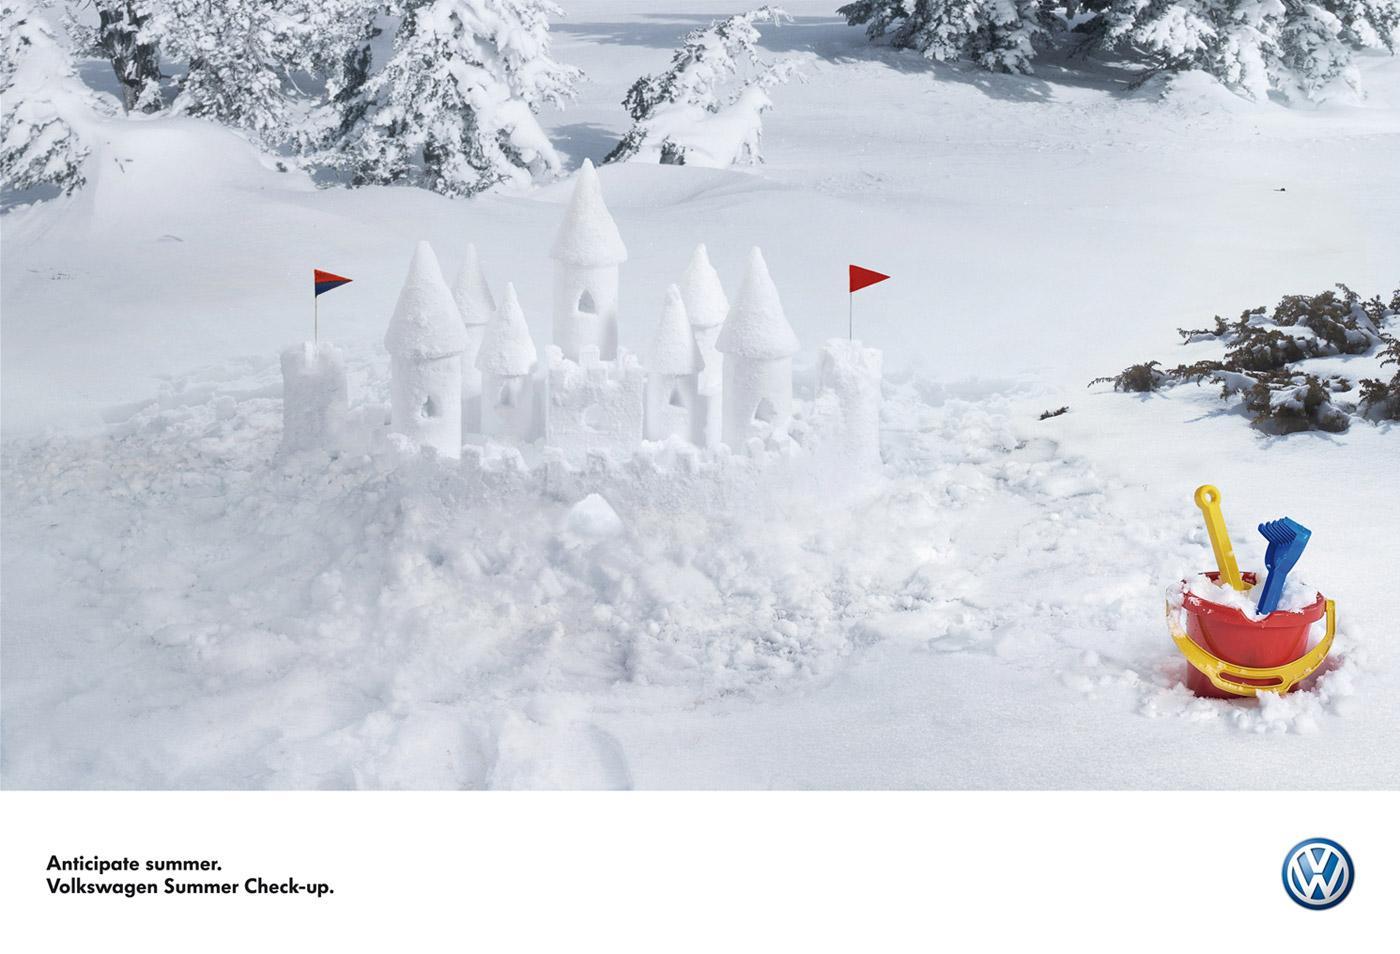 Bon courage aux Parisiens : les 80 publicités les plus créatives sur la Neige #neigeparis 74